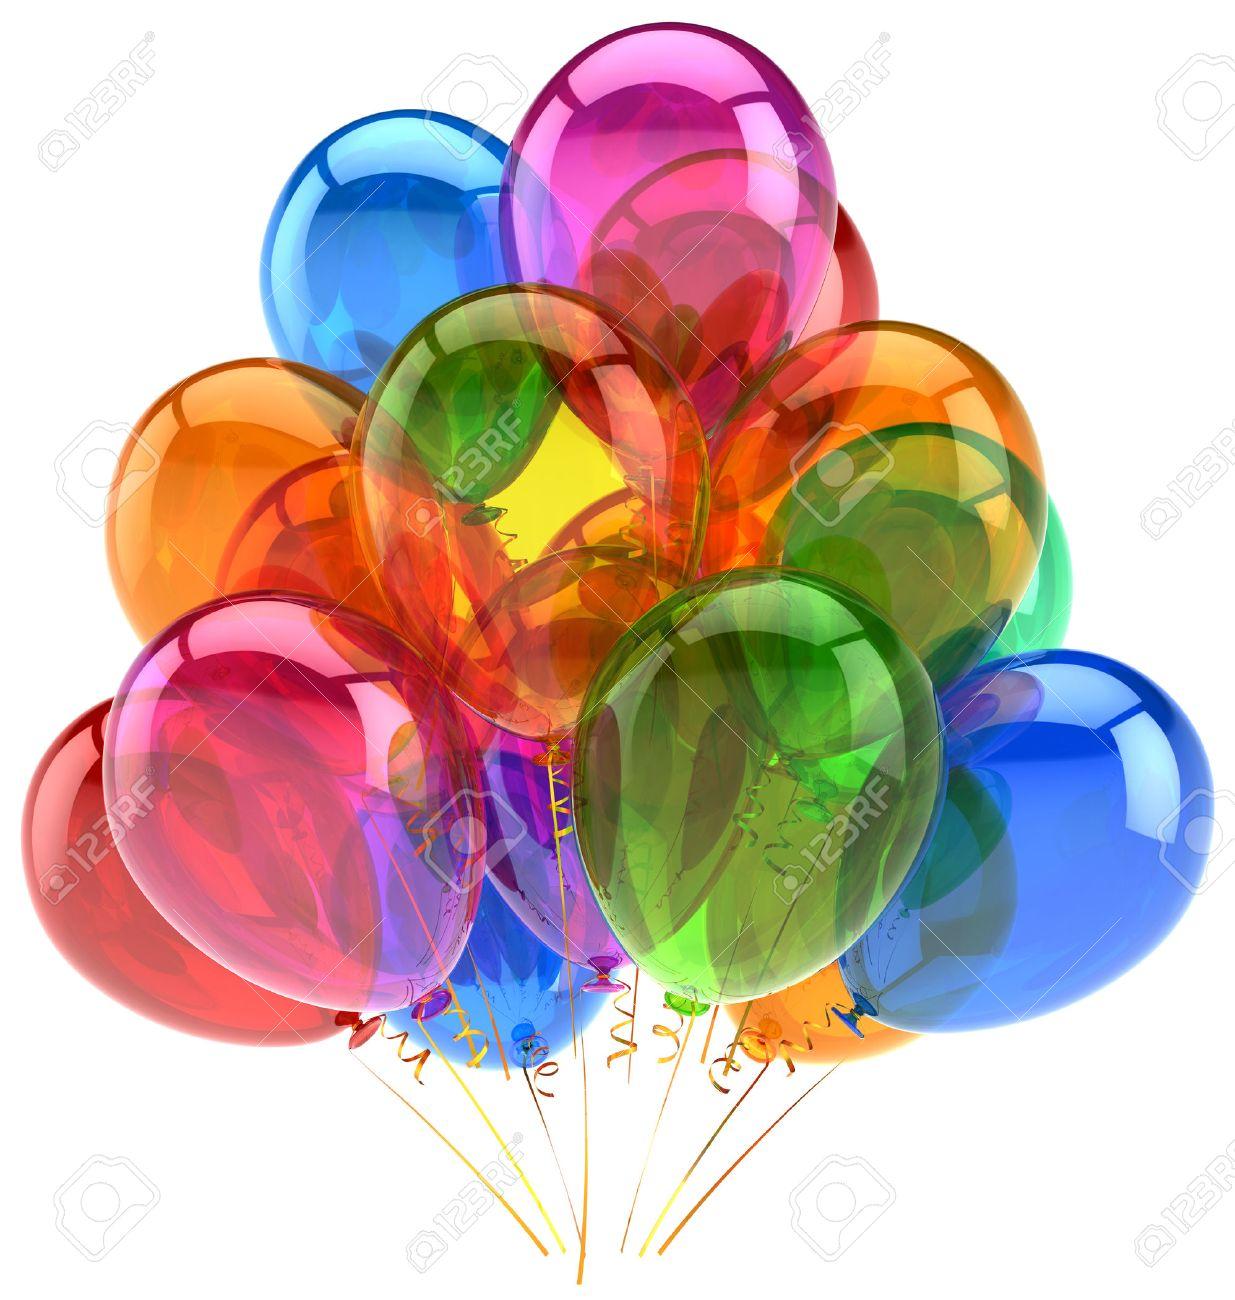 Ballons Feiern Geburtstag Ballon Dekoration Bunt Schein Freudig